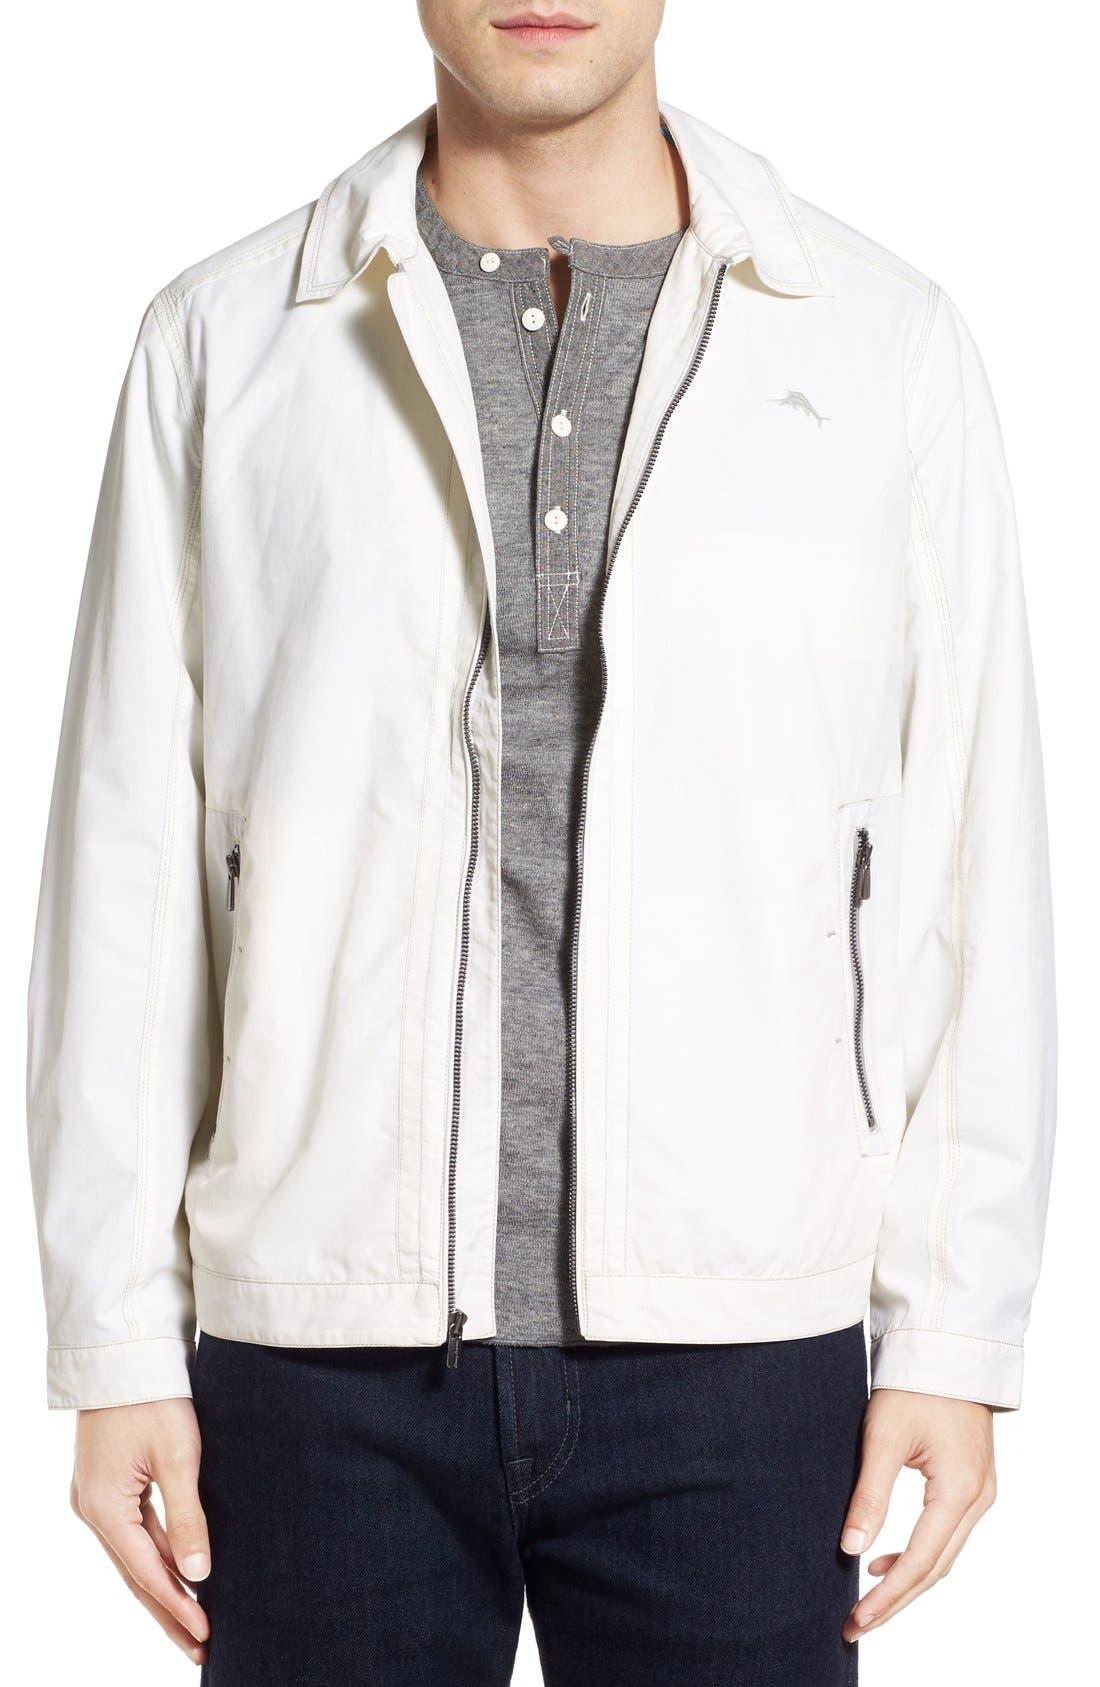 Main Image - Tommy Bahama 'Cannes Cruiser' Jacket